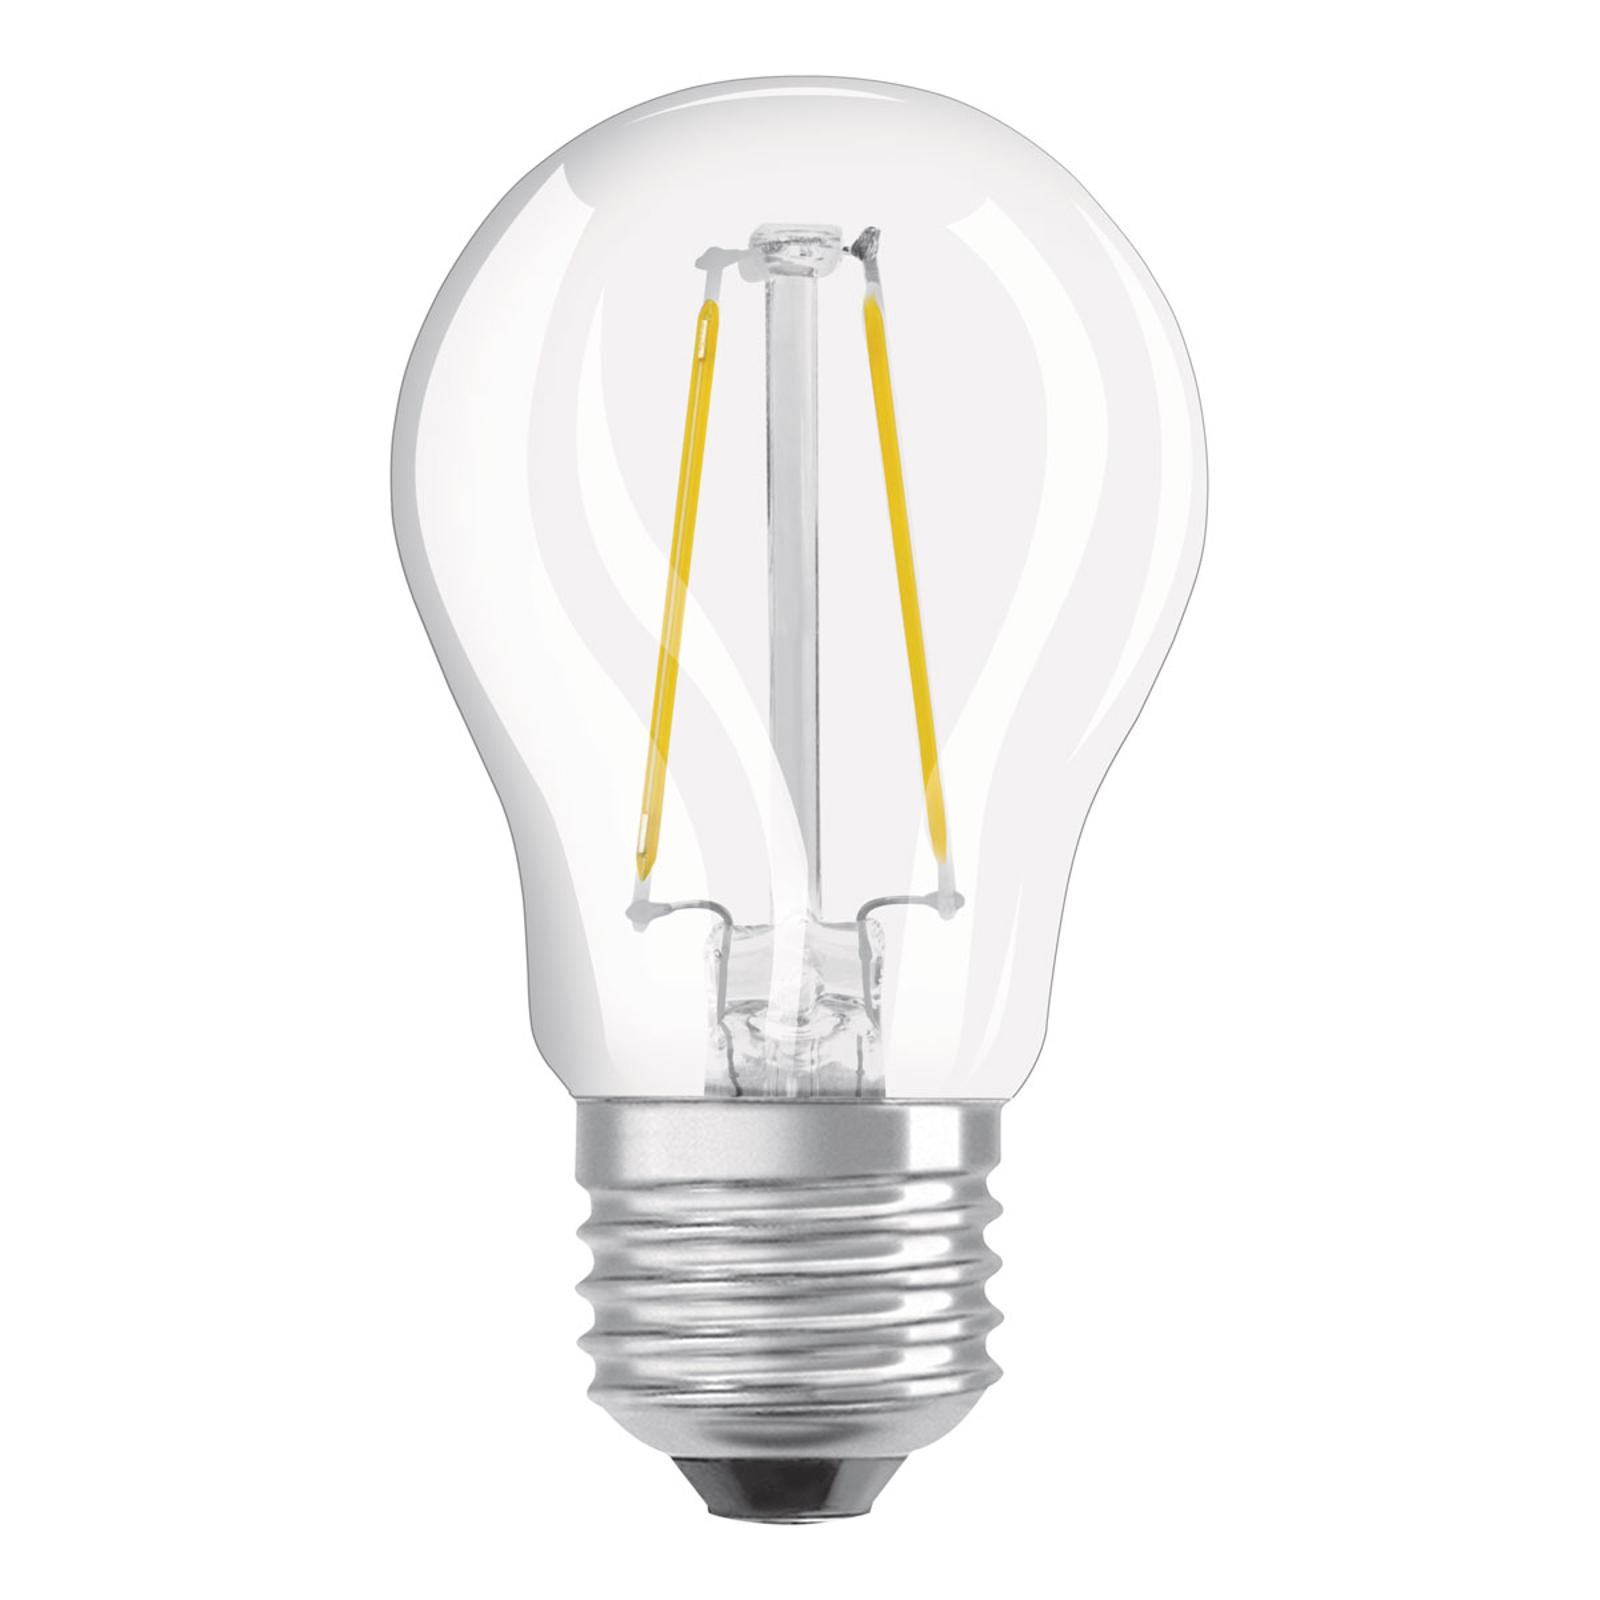 OSRAM LED E27 2,8W dimm bianco caldo trasparente